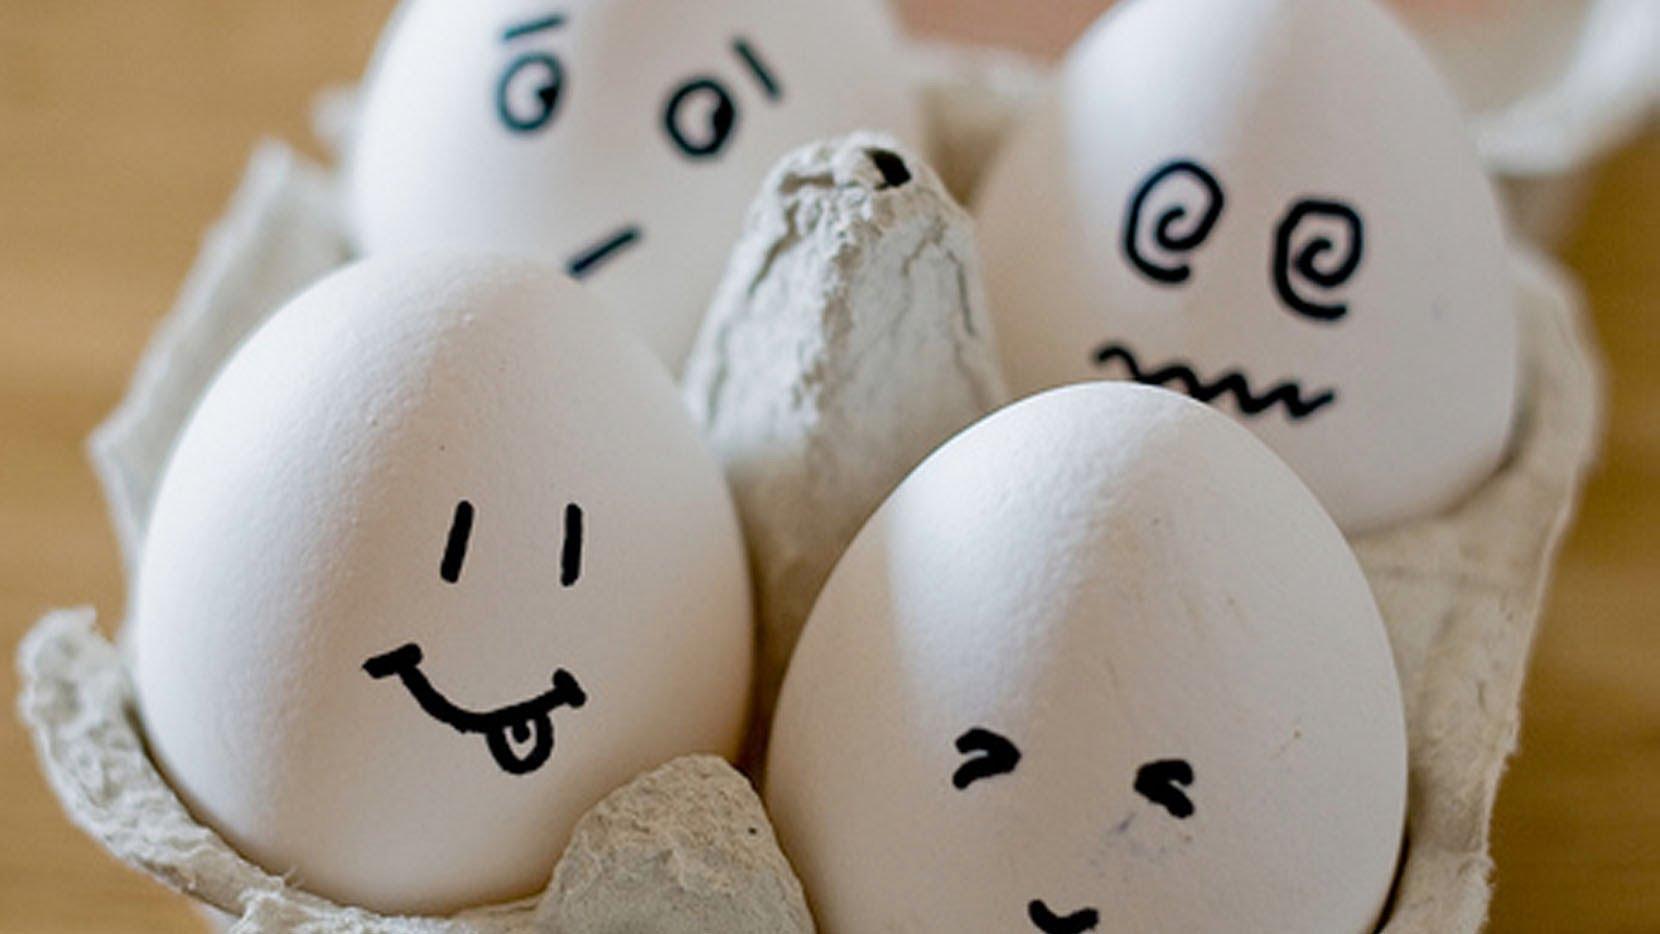 С Всемирным днем яйца. Поздравляю!